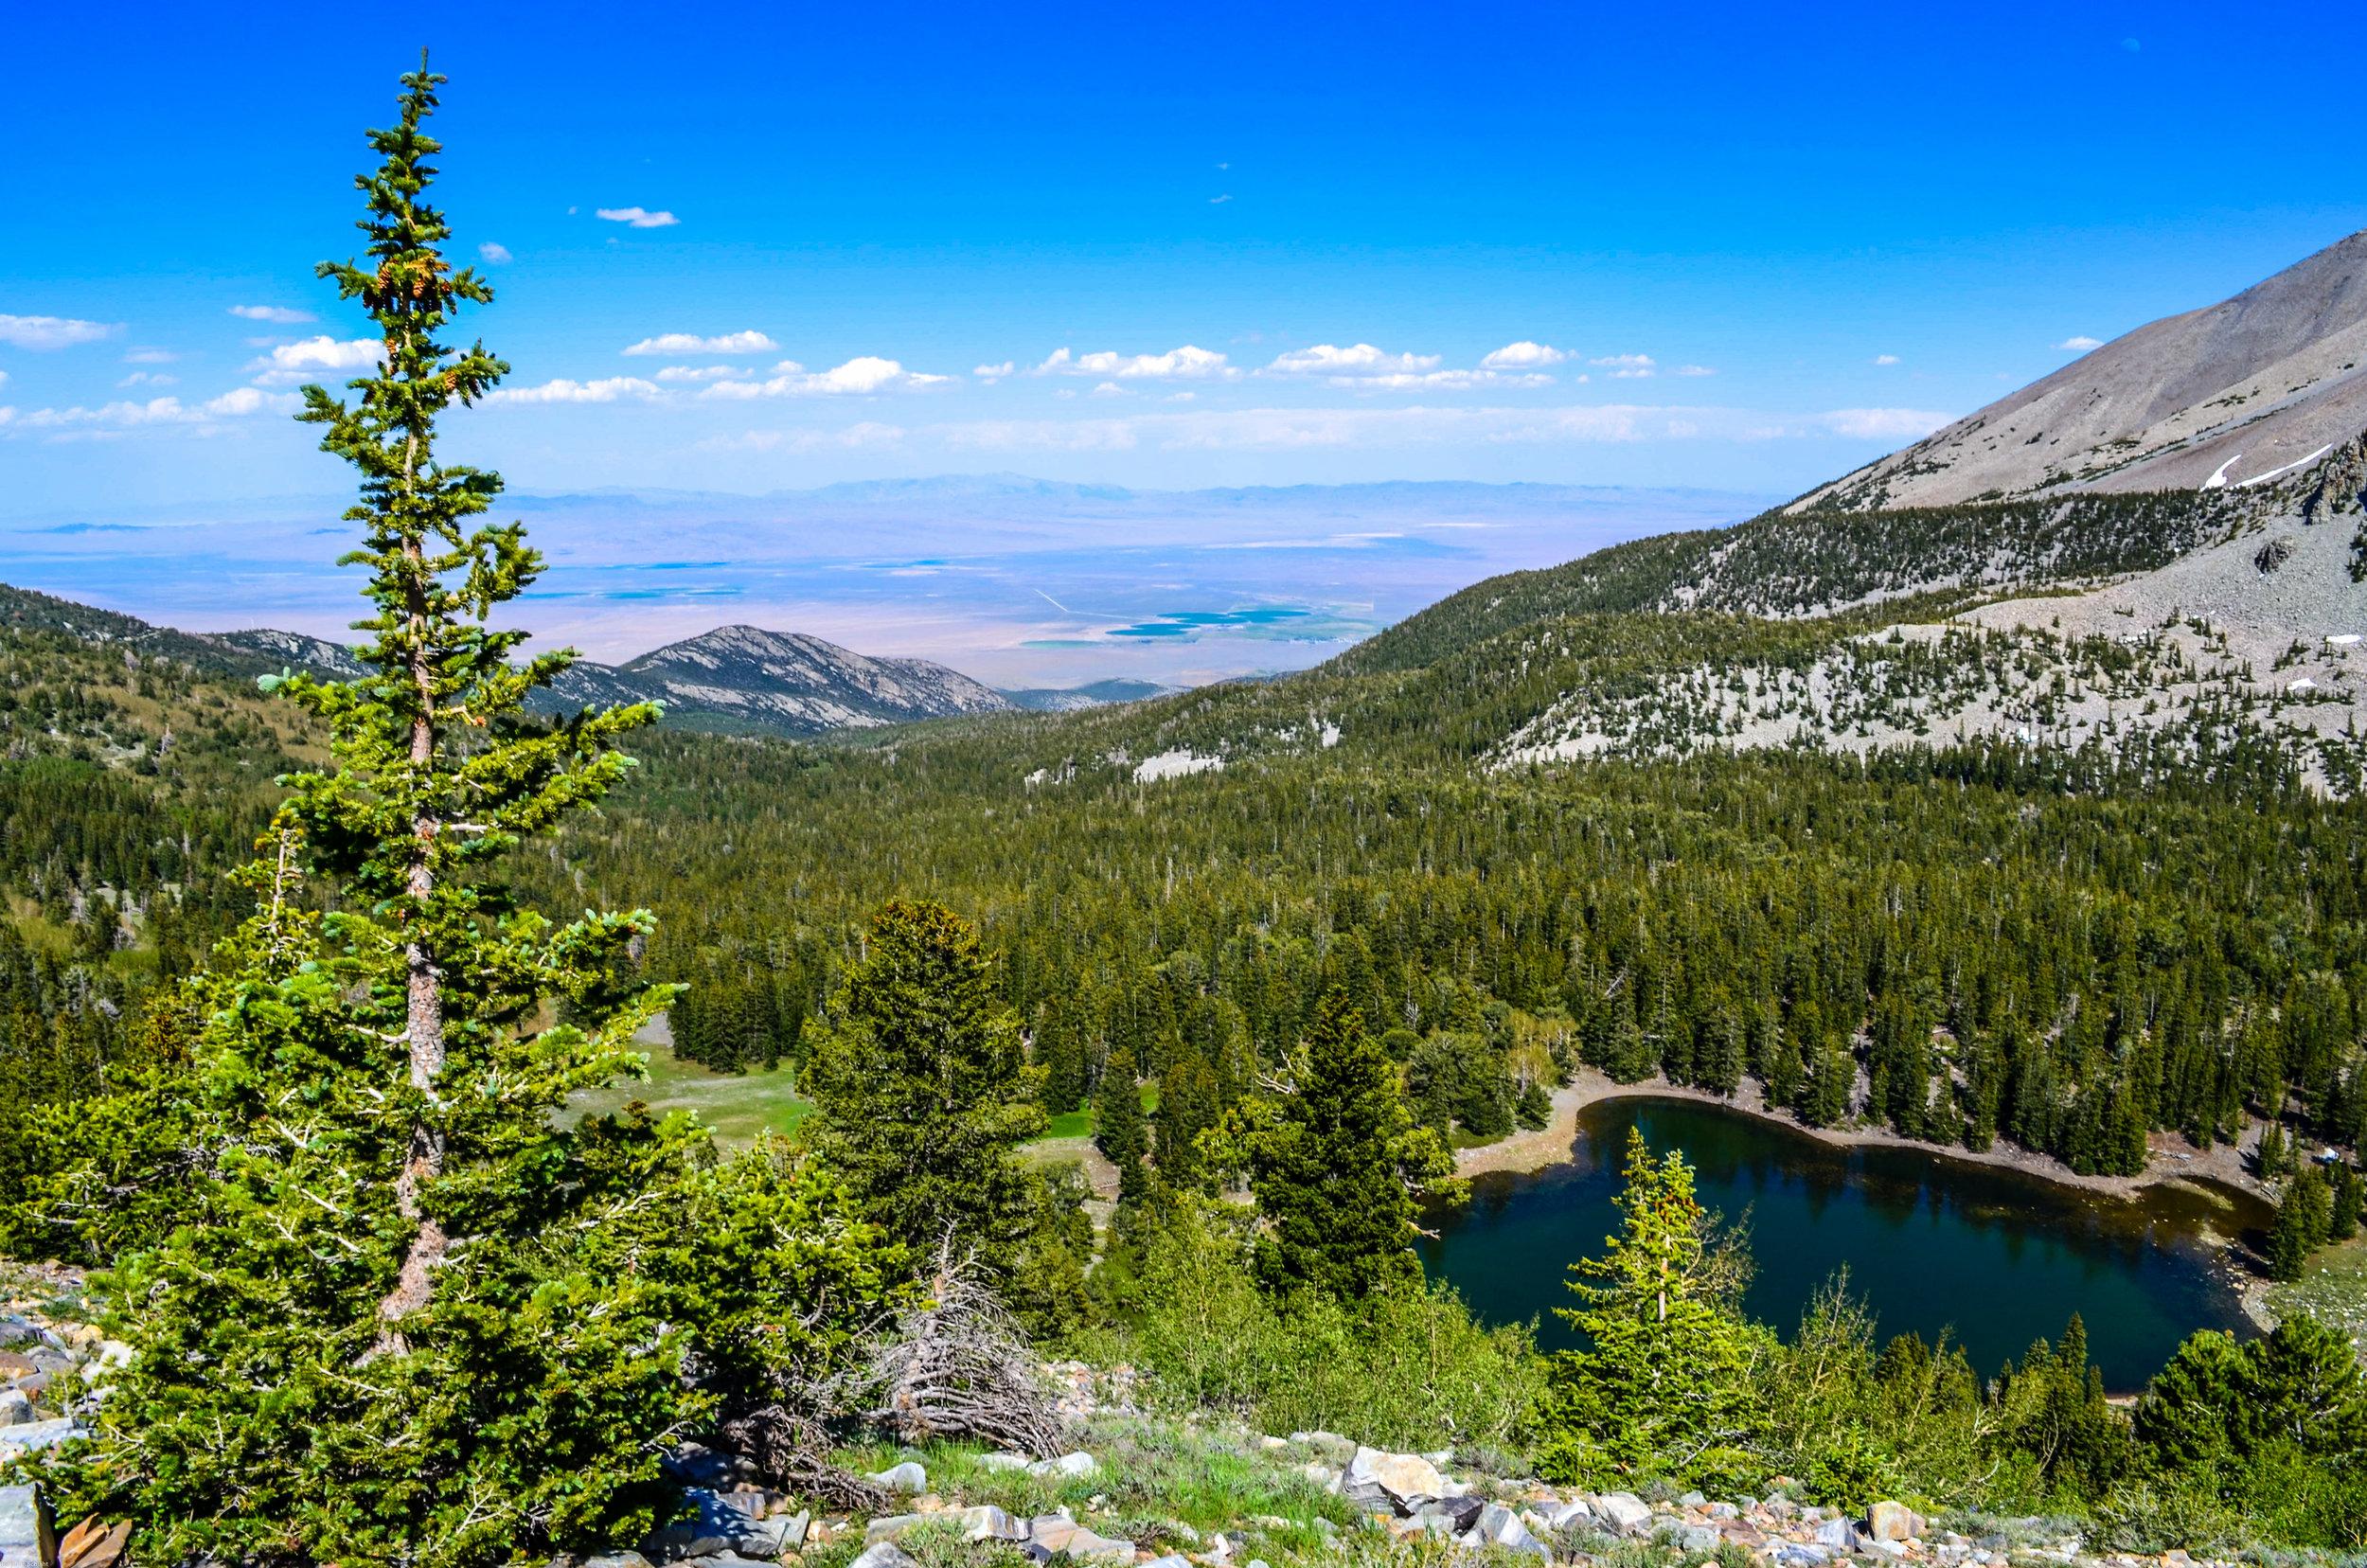 A glimpse of Stella Lake as we ascend